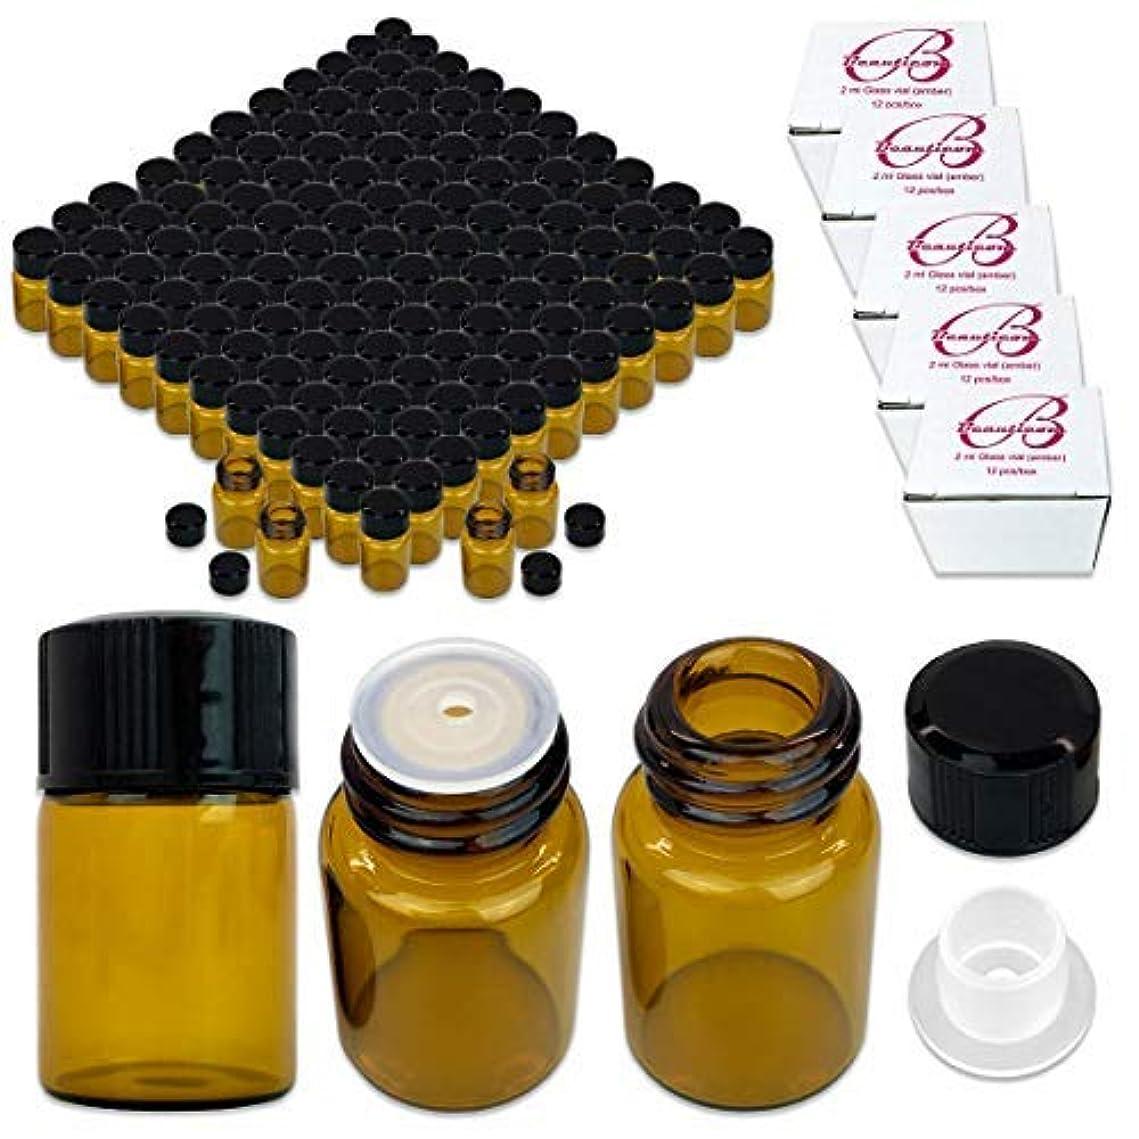 法令シャーロットブロンテチョップ180 Packs Beauticom 2ML Amber Glass Vial for Essential Oils, Aromatherapy, Fragrance, Serums, Spritzes, with Orifice...